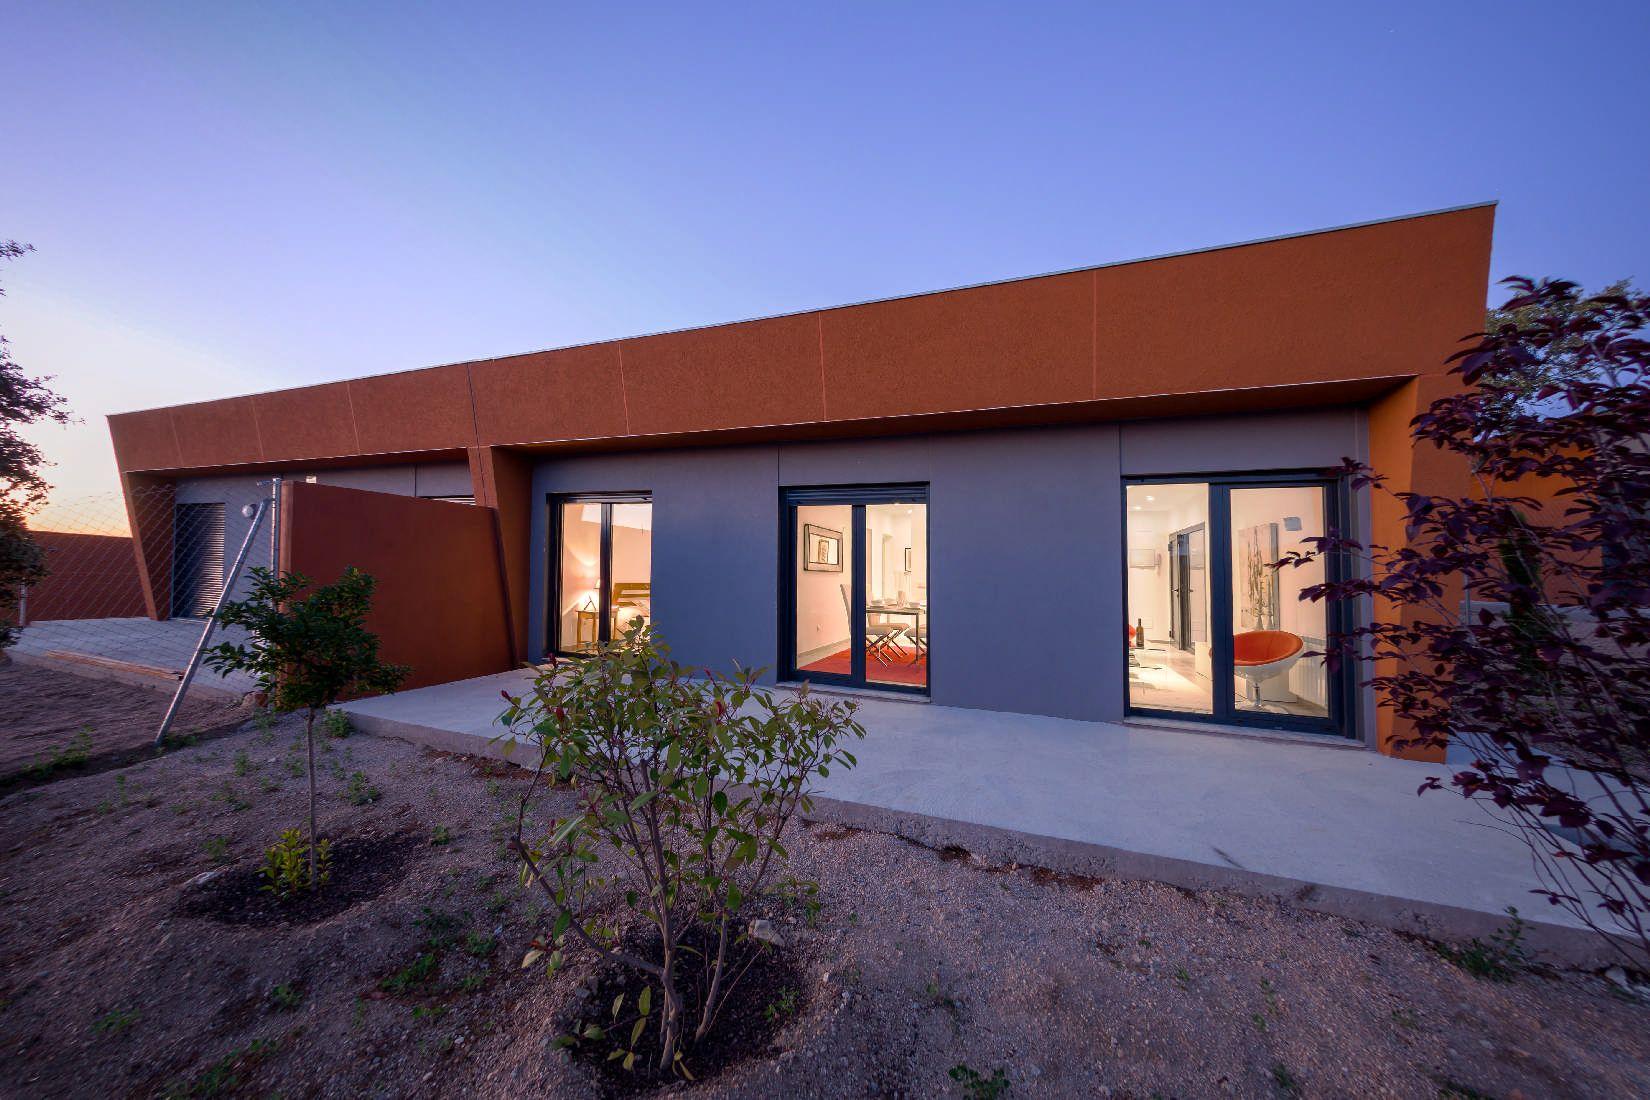 Casa Violeta - Projectes de cases modulars d'acer